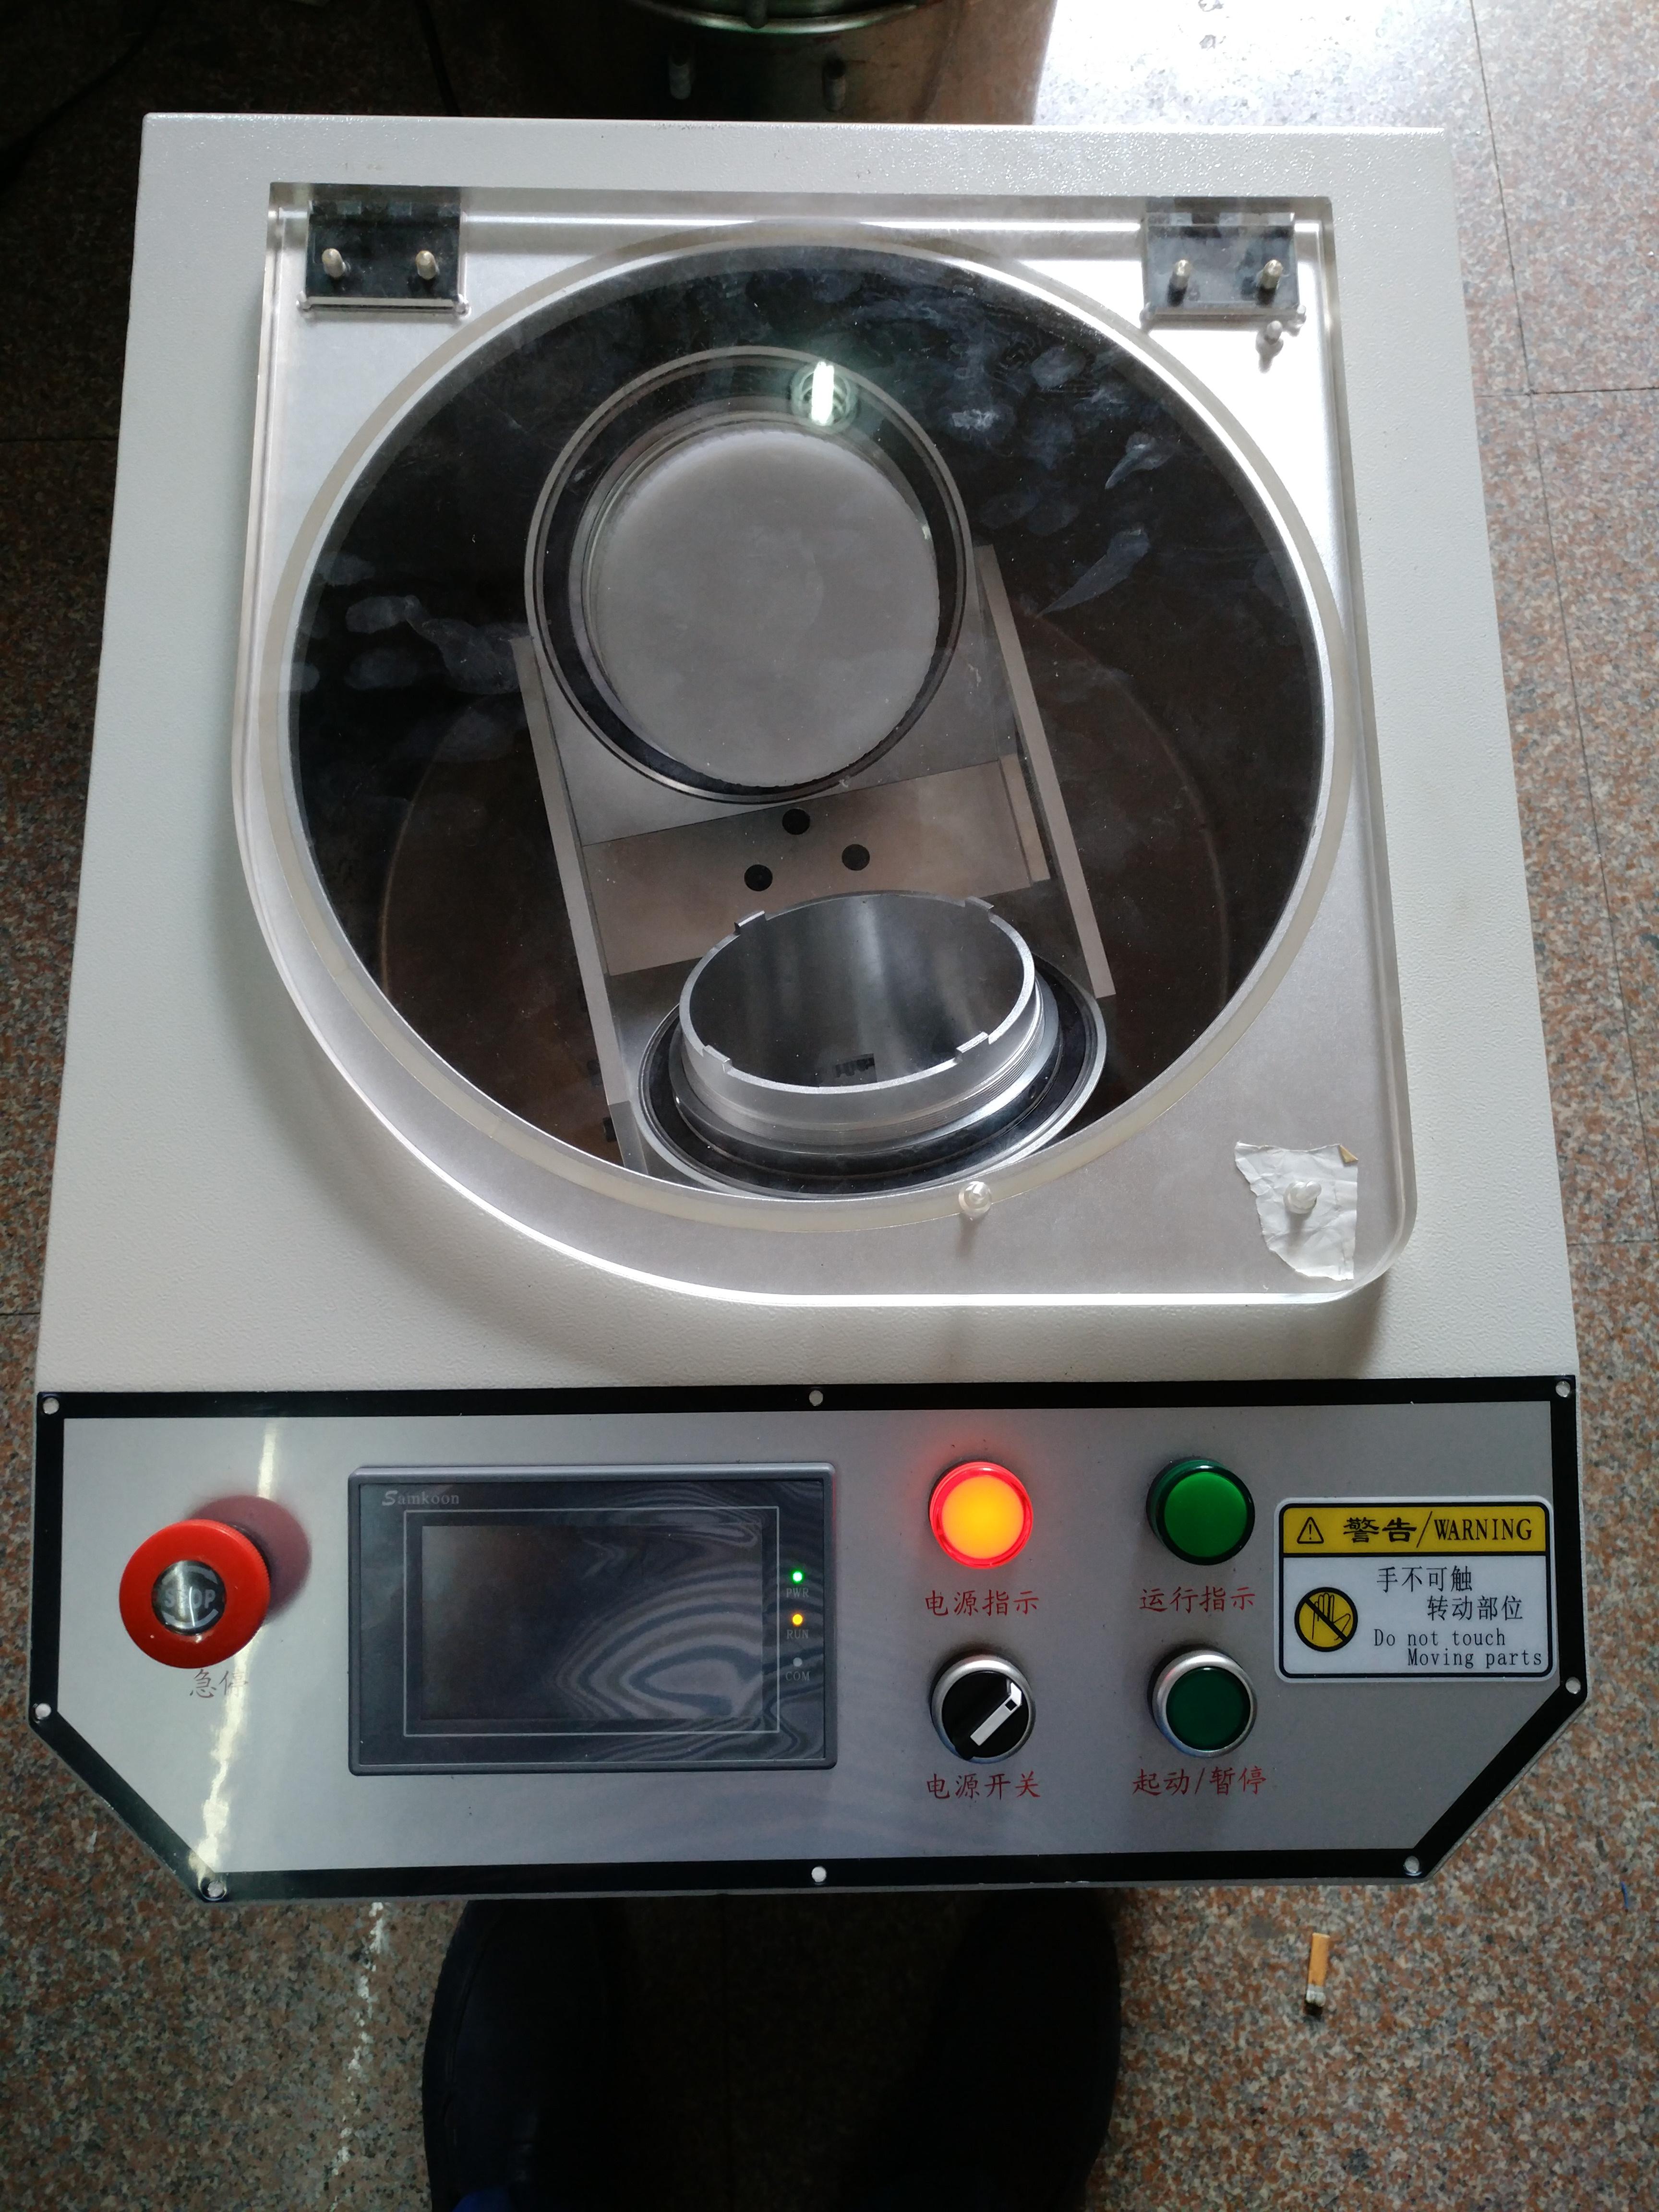 银浆搅拌机供应商,广东银浆搅拌机供应商,深圳银浆搅拌机供应商